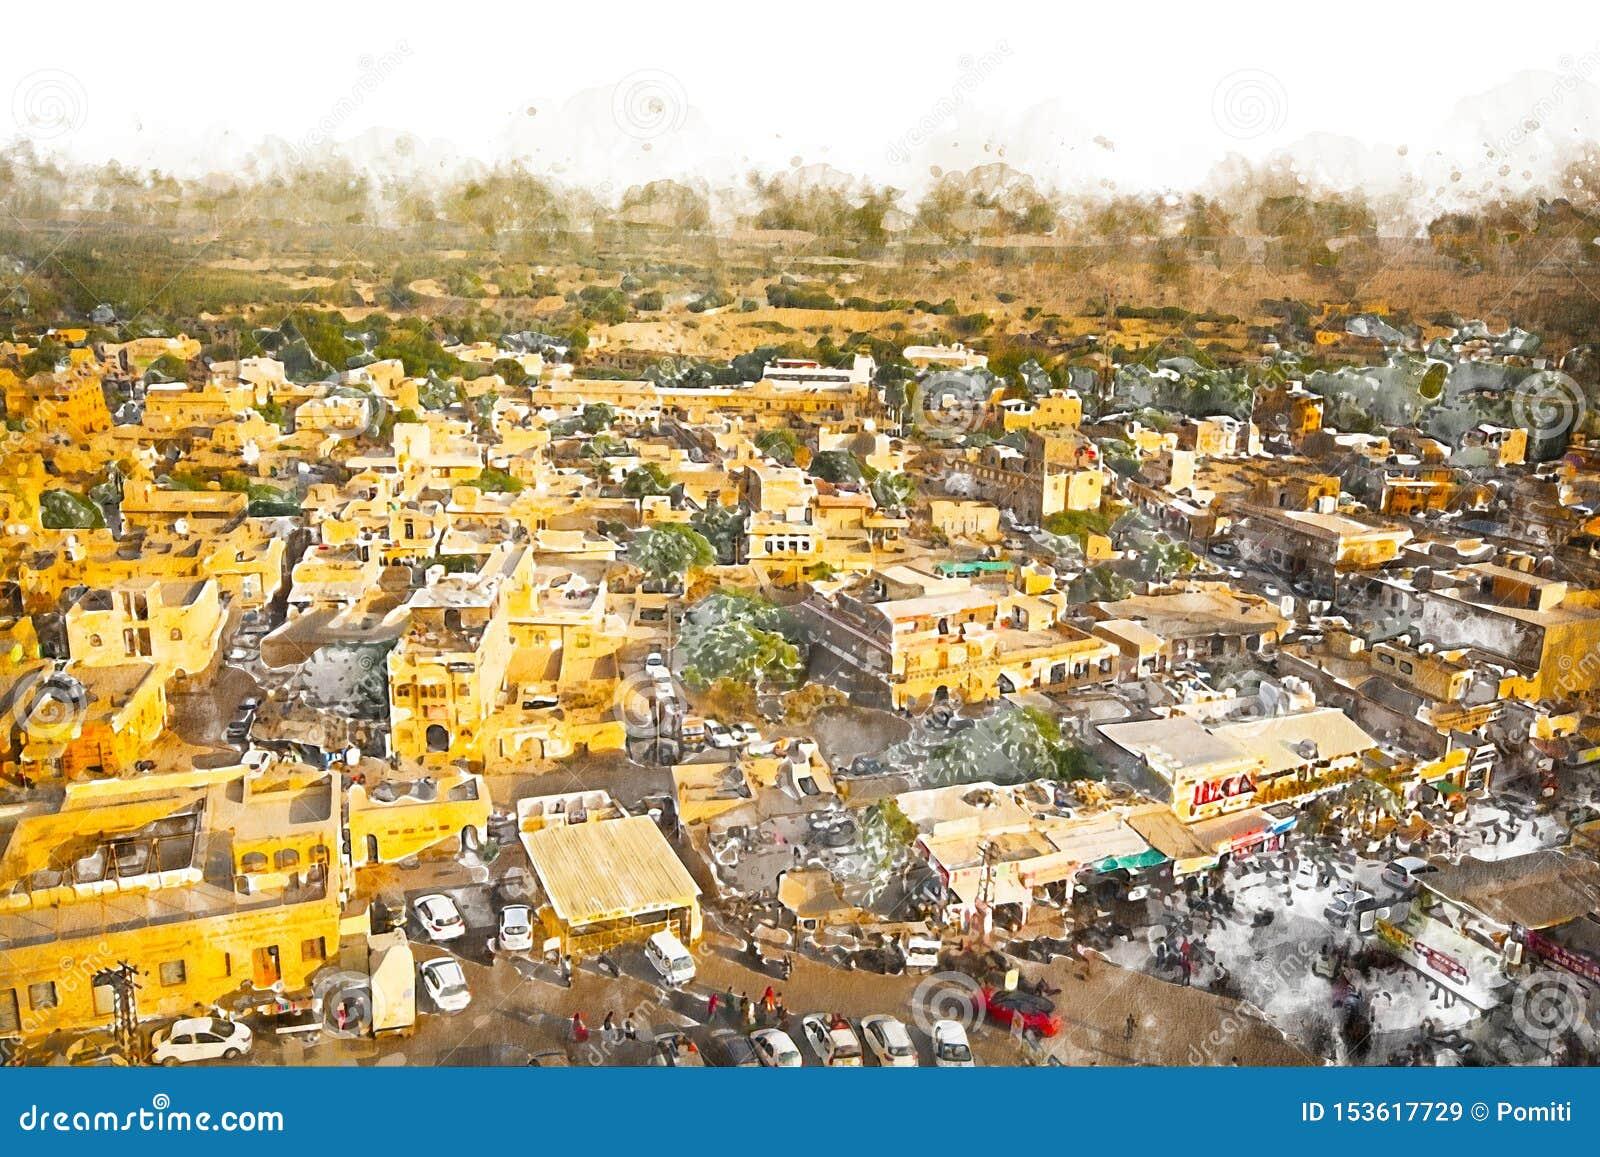 Digitaal schilderij van gouden stad, illustratie van historisch gebouw voor achtergrond Jaisalmer City in Rajasthan, India